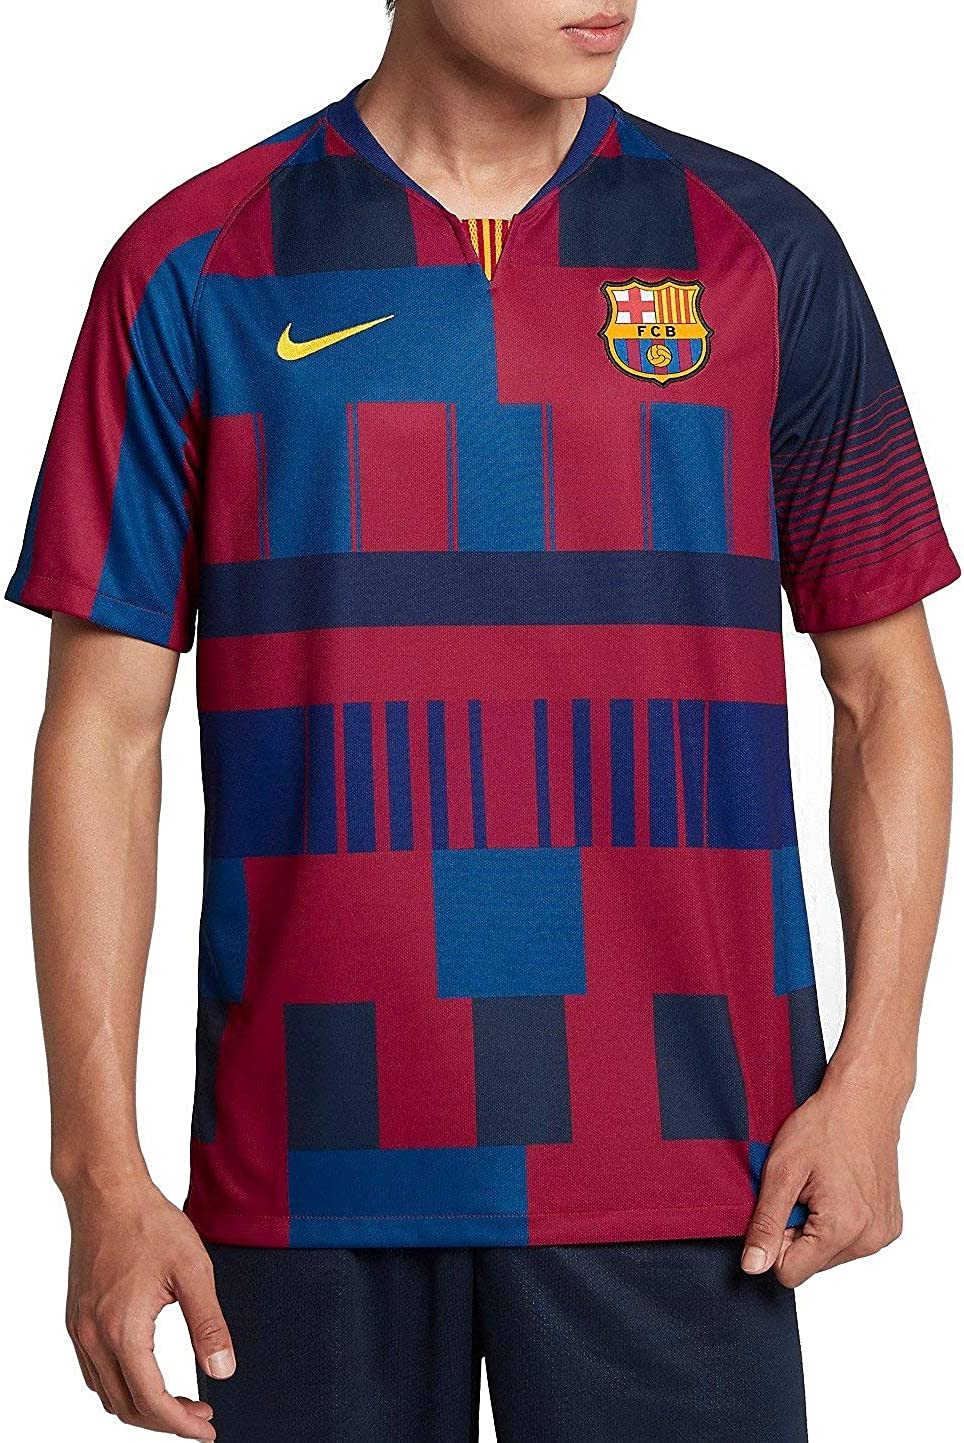 En expansión importar templado  Amazon.com: Nike Barcelona 2019-20 - Camiseta para hombre: Clothing